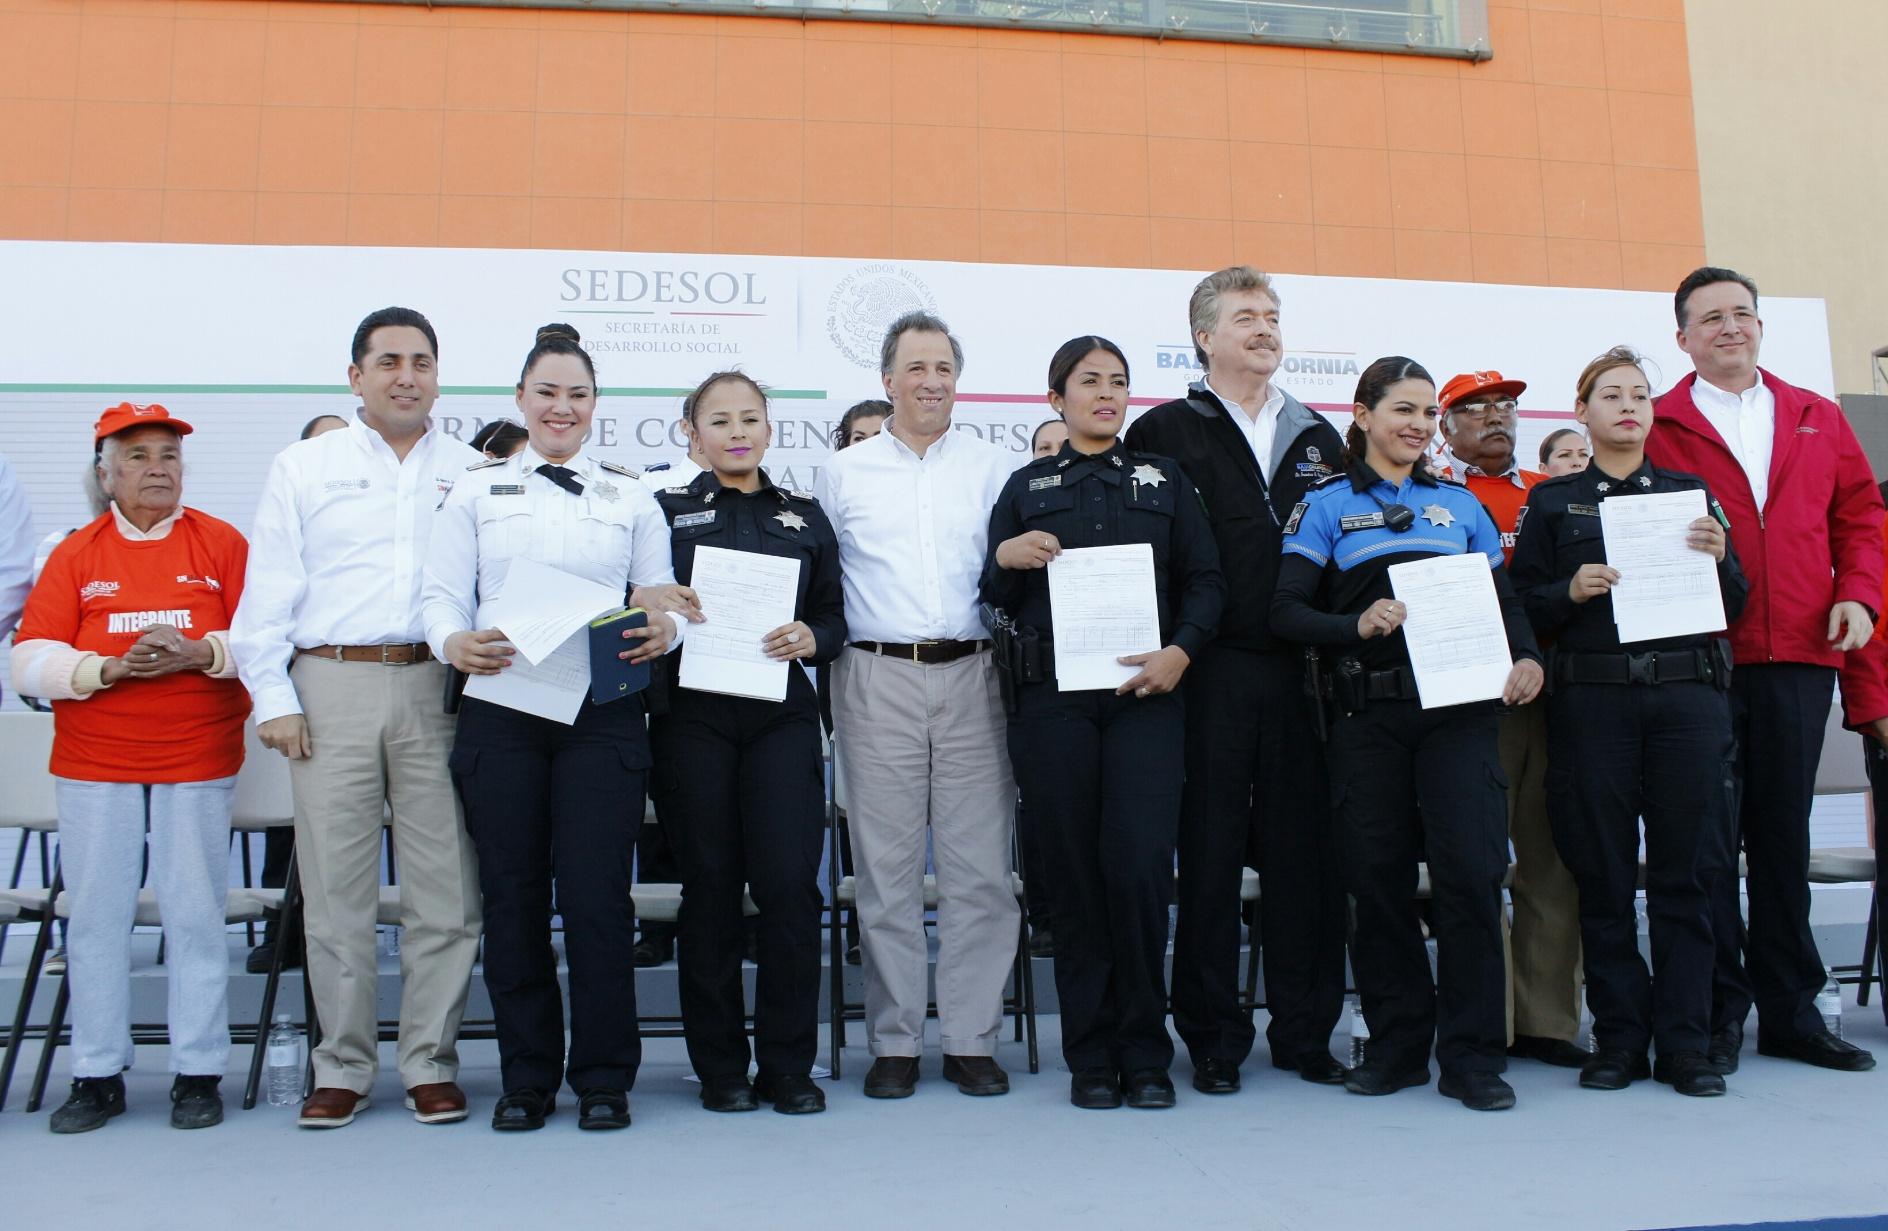 FOTO 1 En Tijuana  el titular de Sedesol firm  el Acuerdo por un Baja California sin Pobreza.jpg